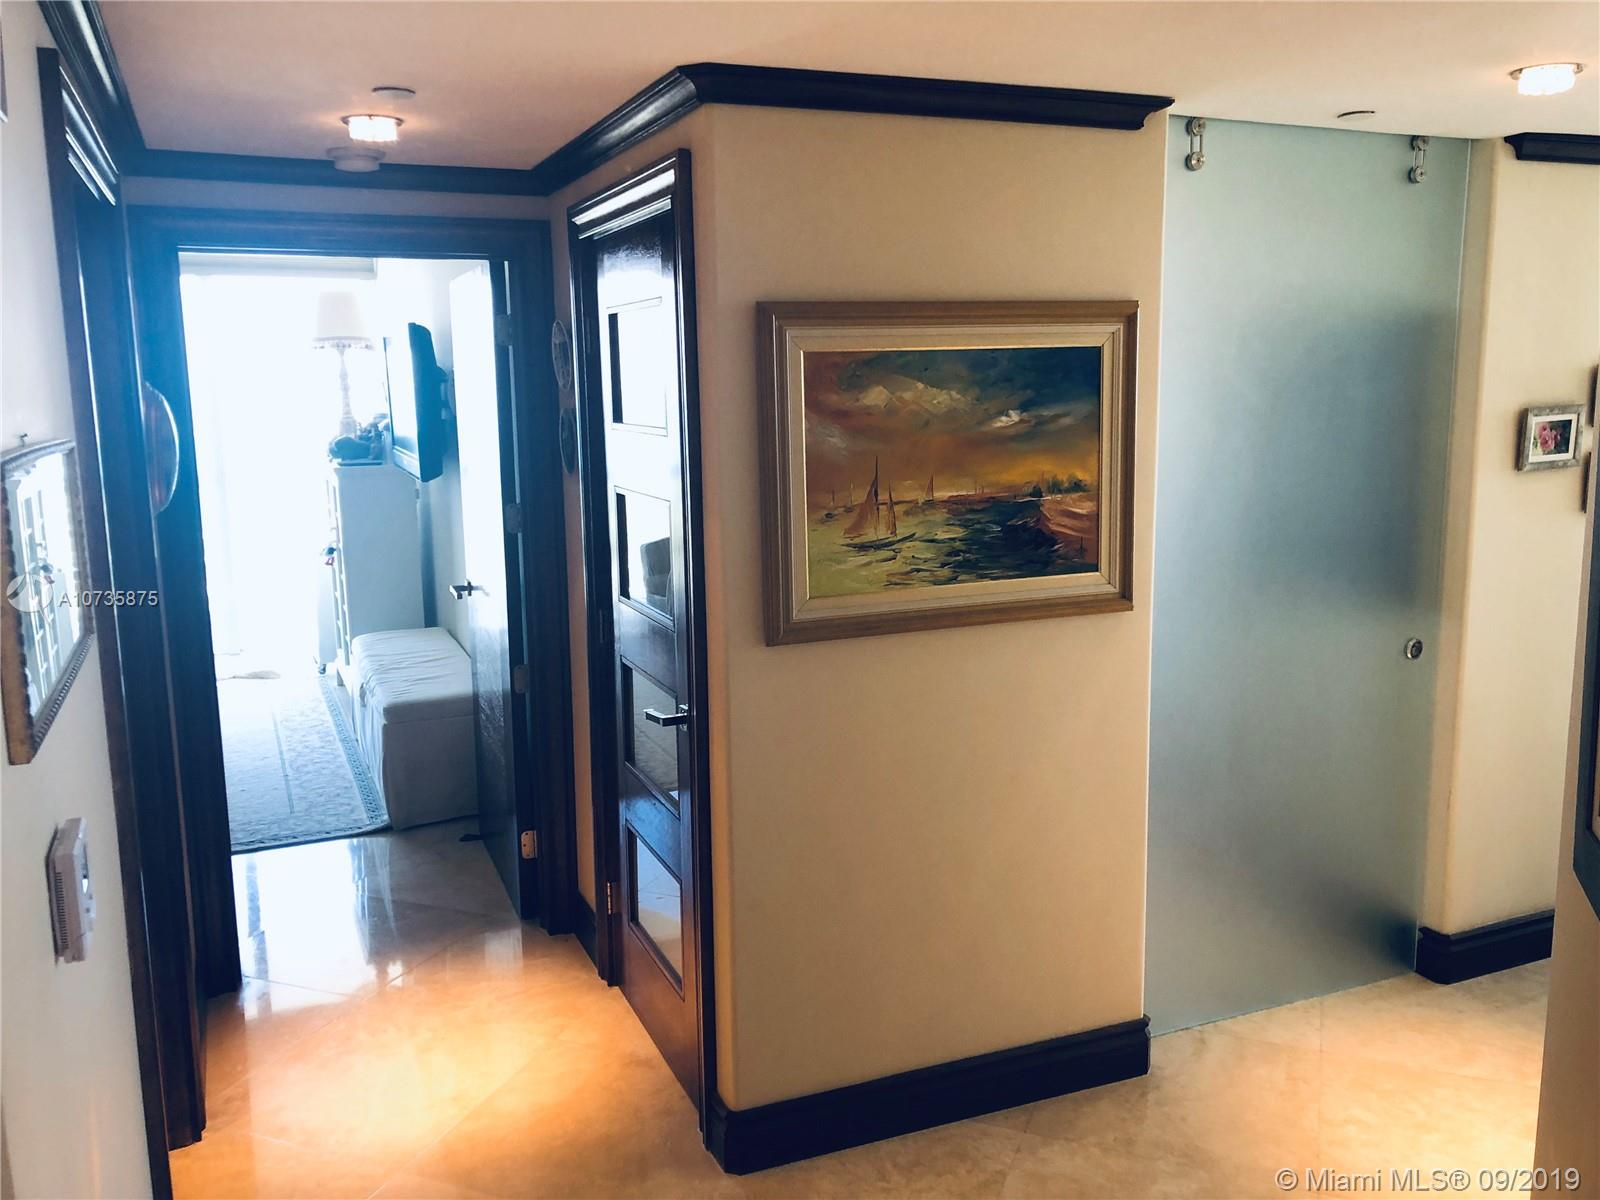 6365 NE Collins Ave #3308, Miami Beach, FL 33141 - Miami Beach, FL real estate listing